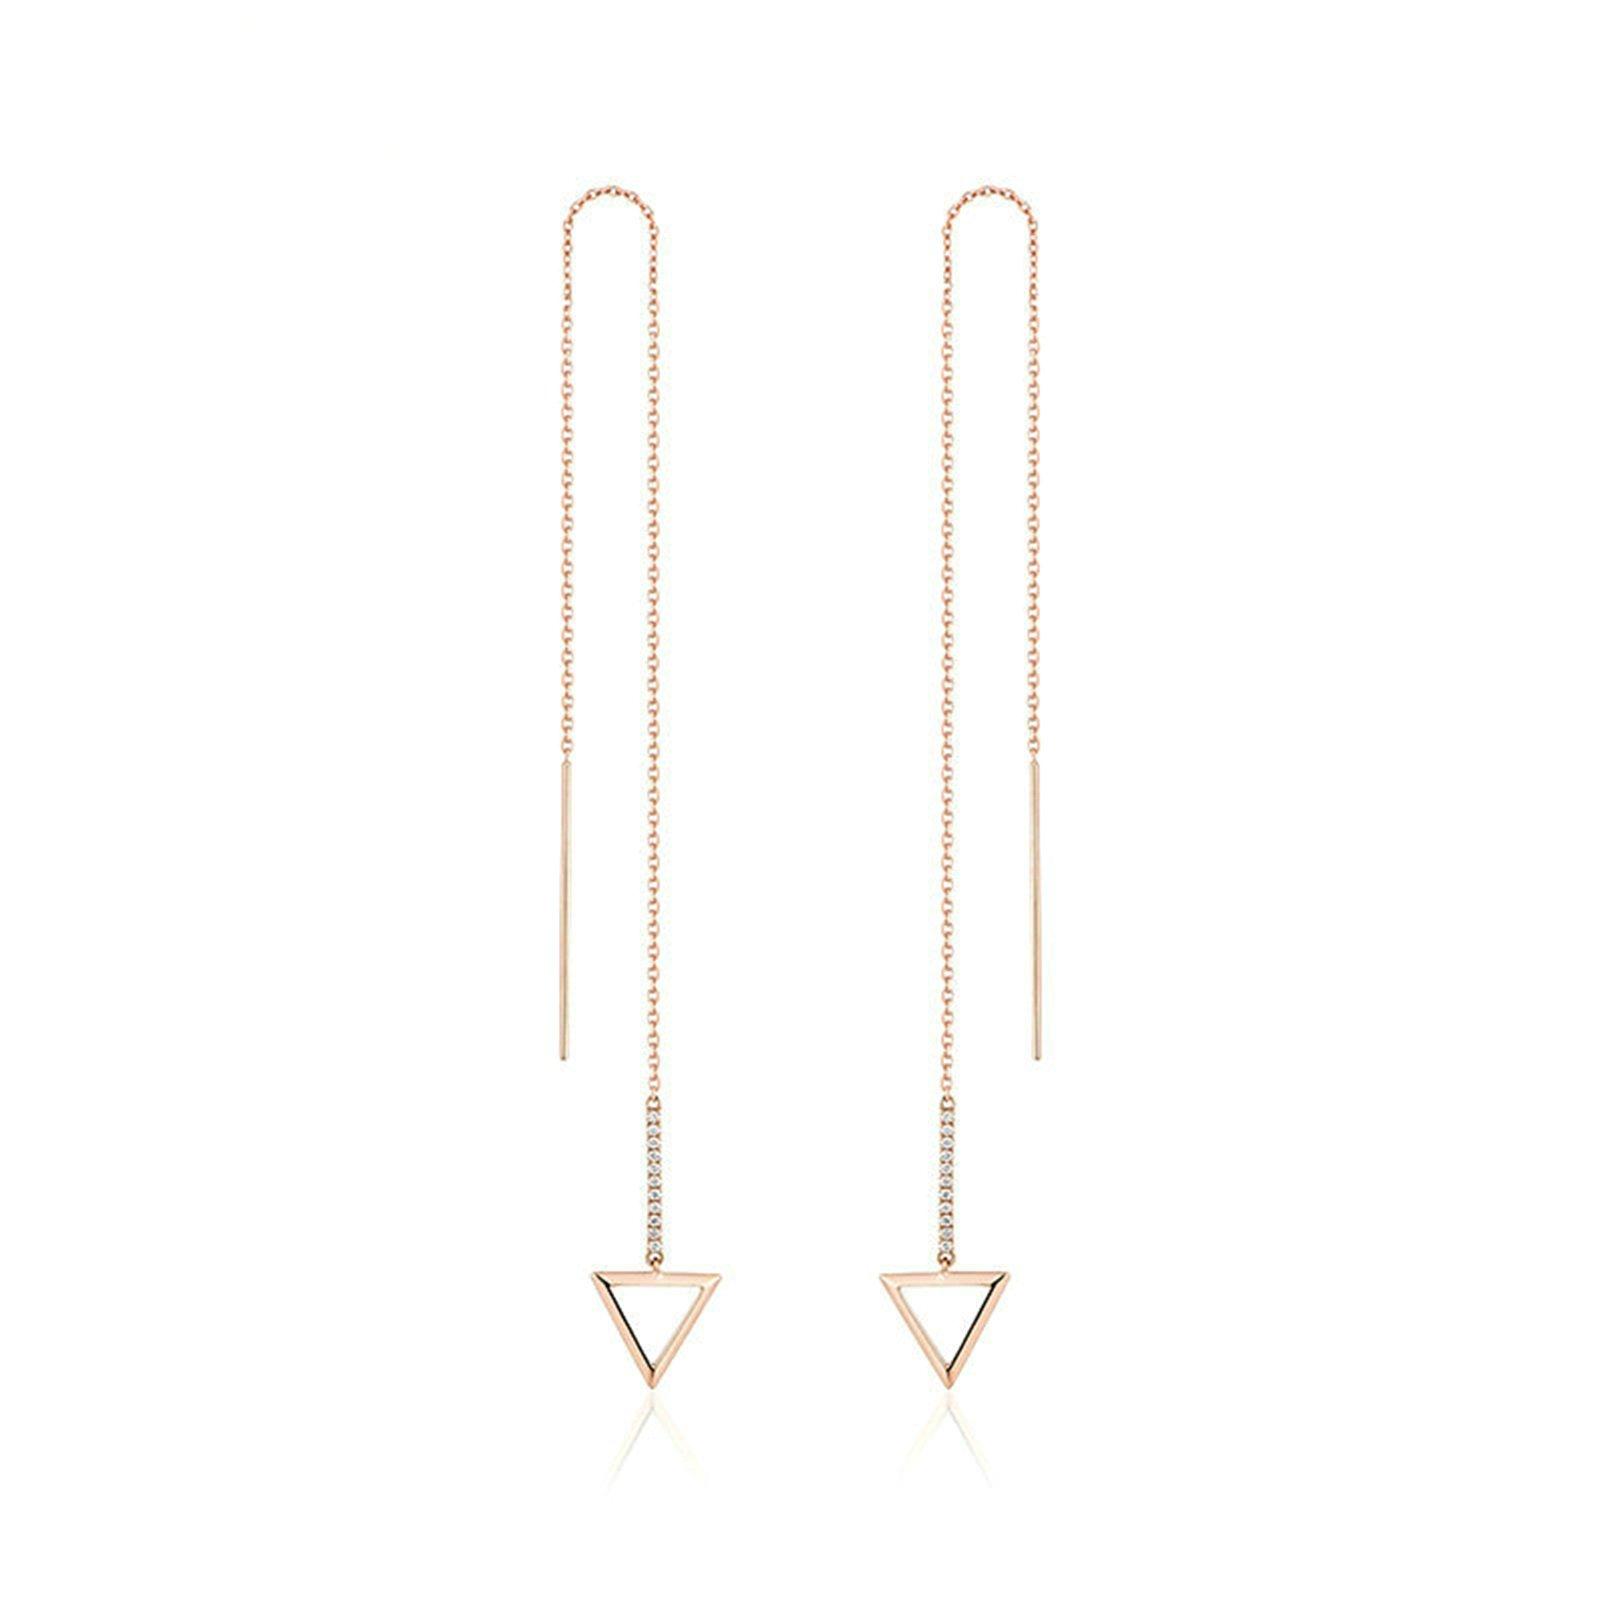 Gnzoe Silver Plated Women Diamond Stud Earrings Triangle Shape Tassel Stud Polished Ear Pierced